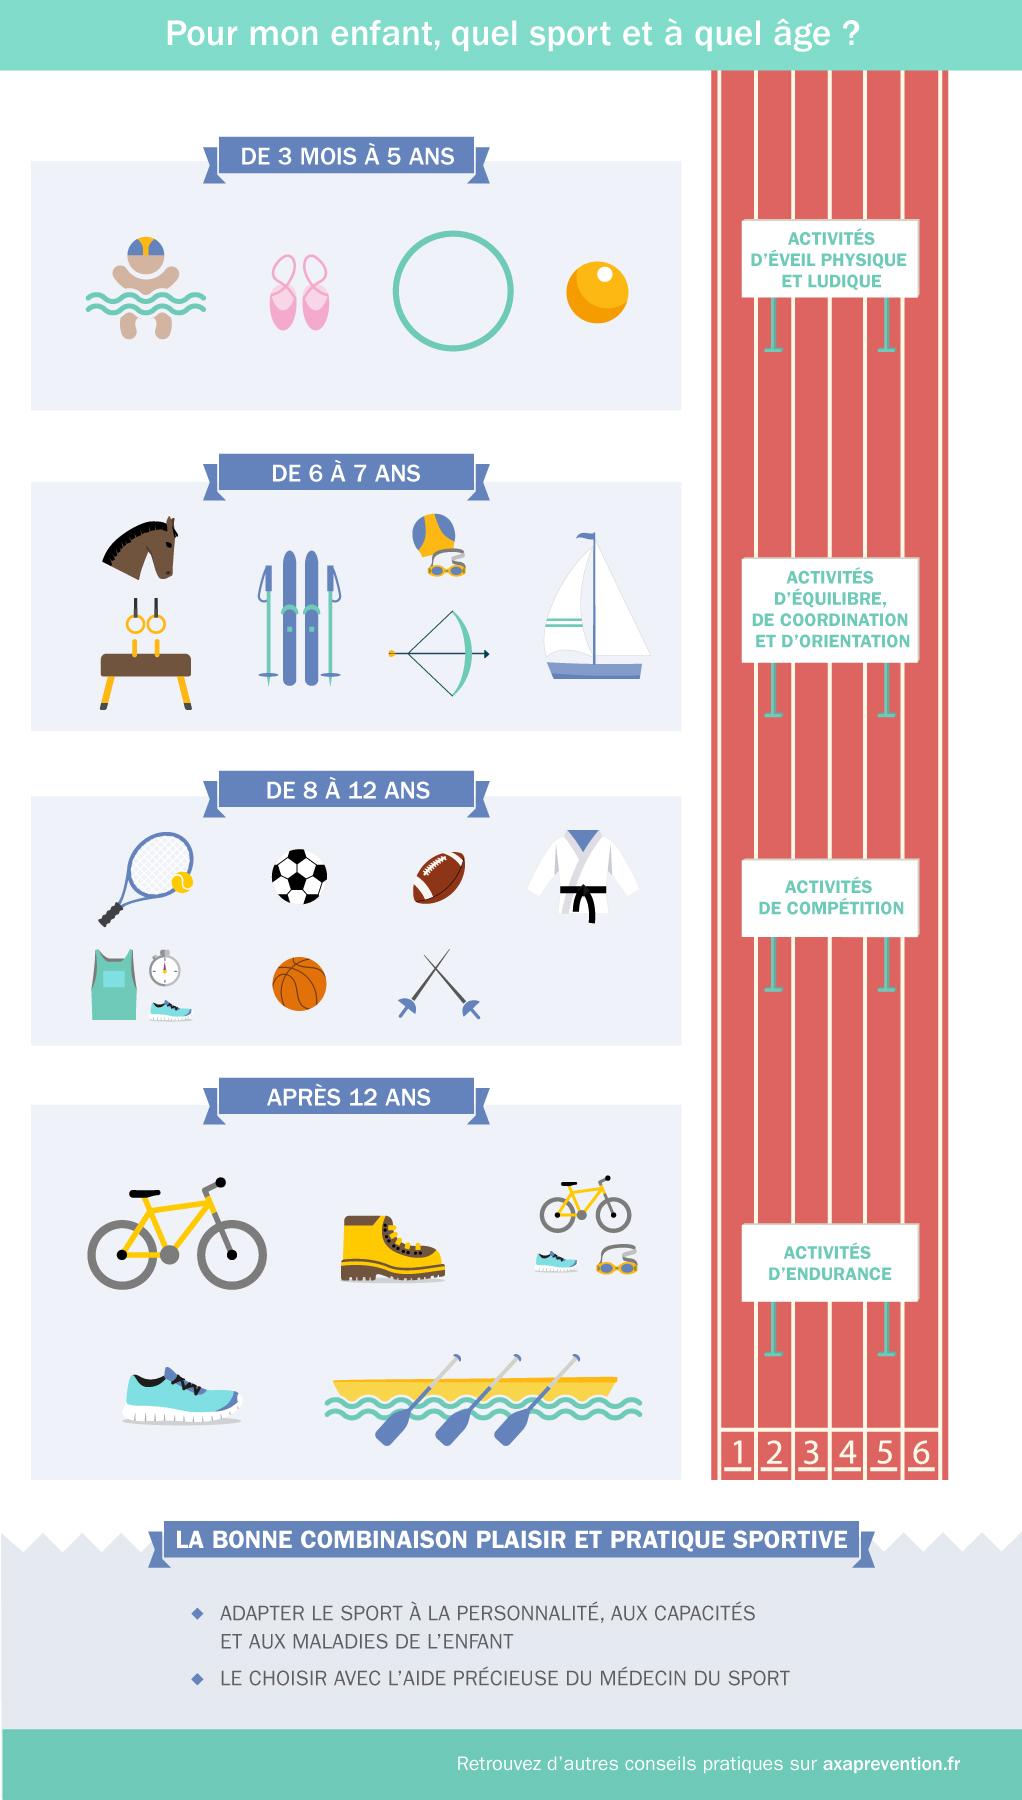 Choisir un sport pour son enfant : quand, comment, pourquoi ?